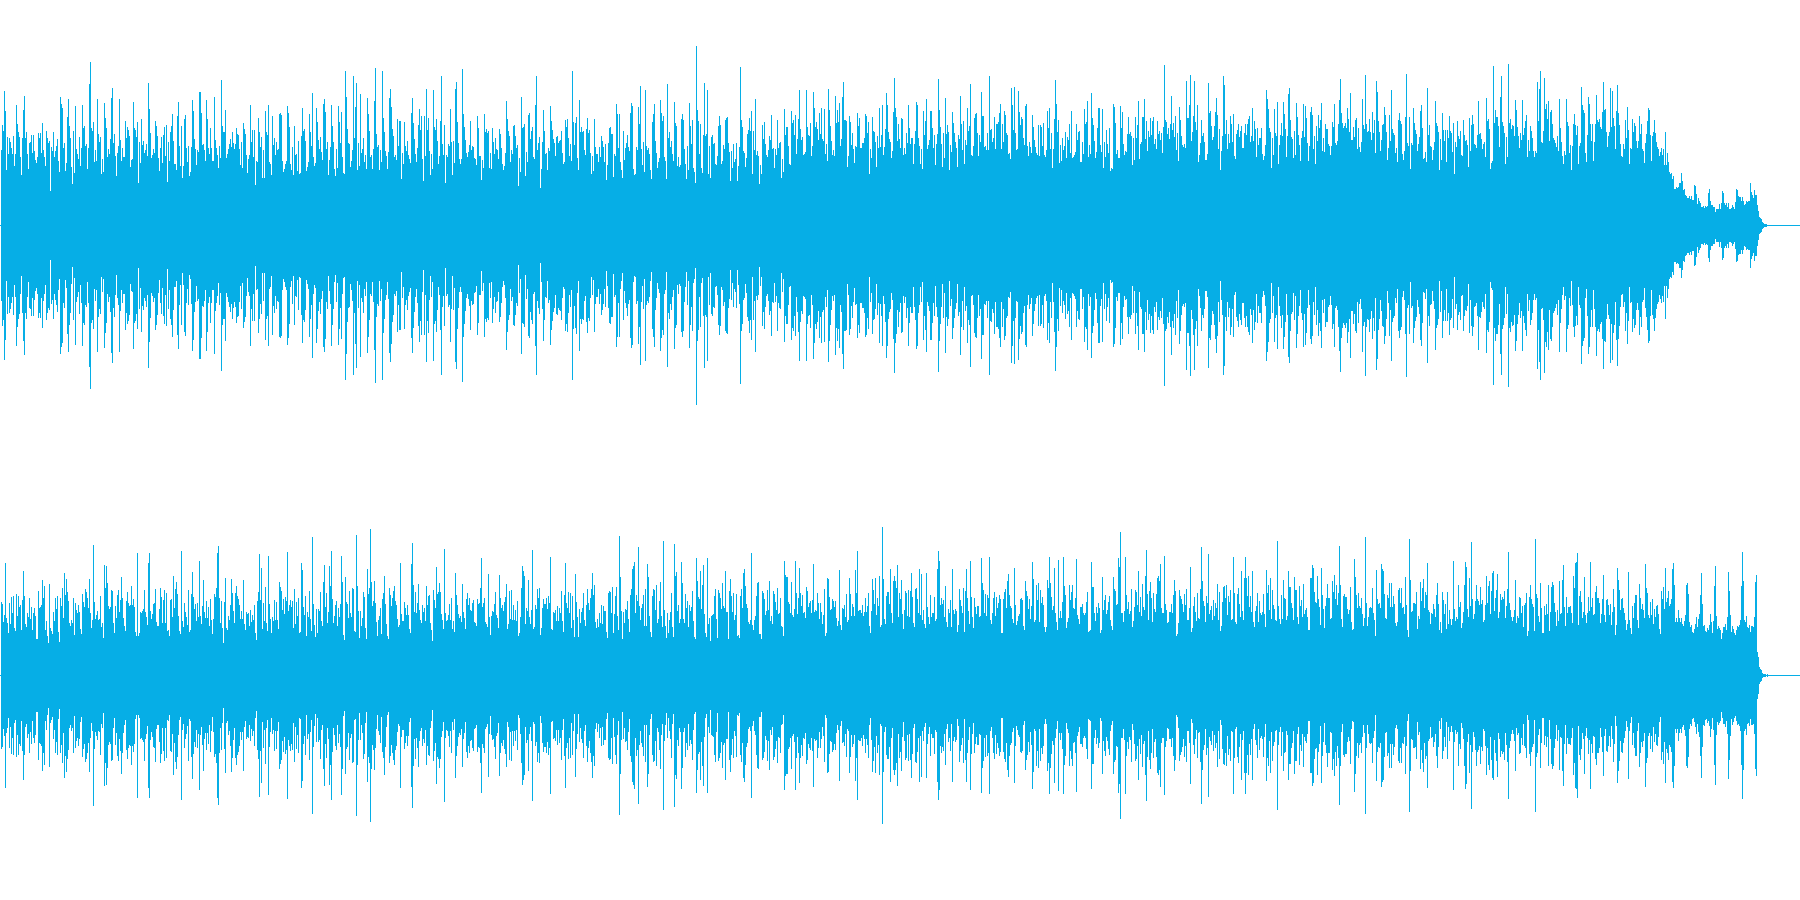 ファンタジーホビットの世界のイメージの再生済みの波形